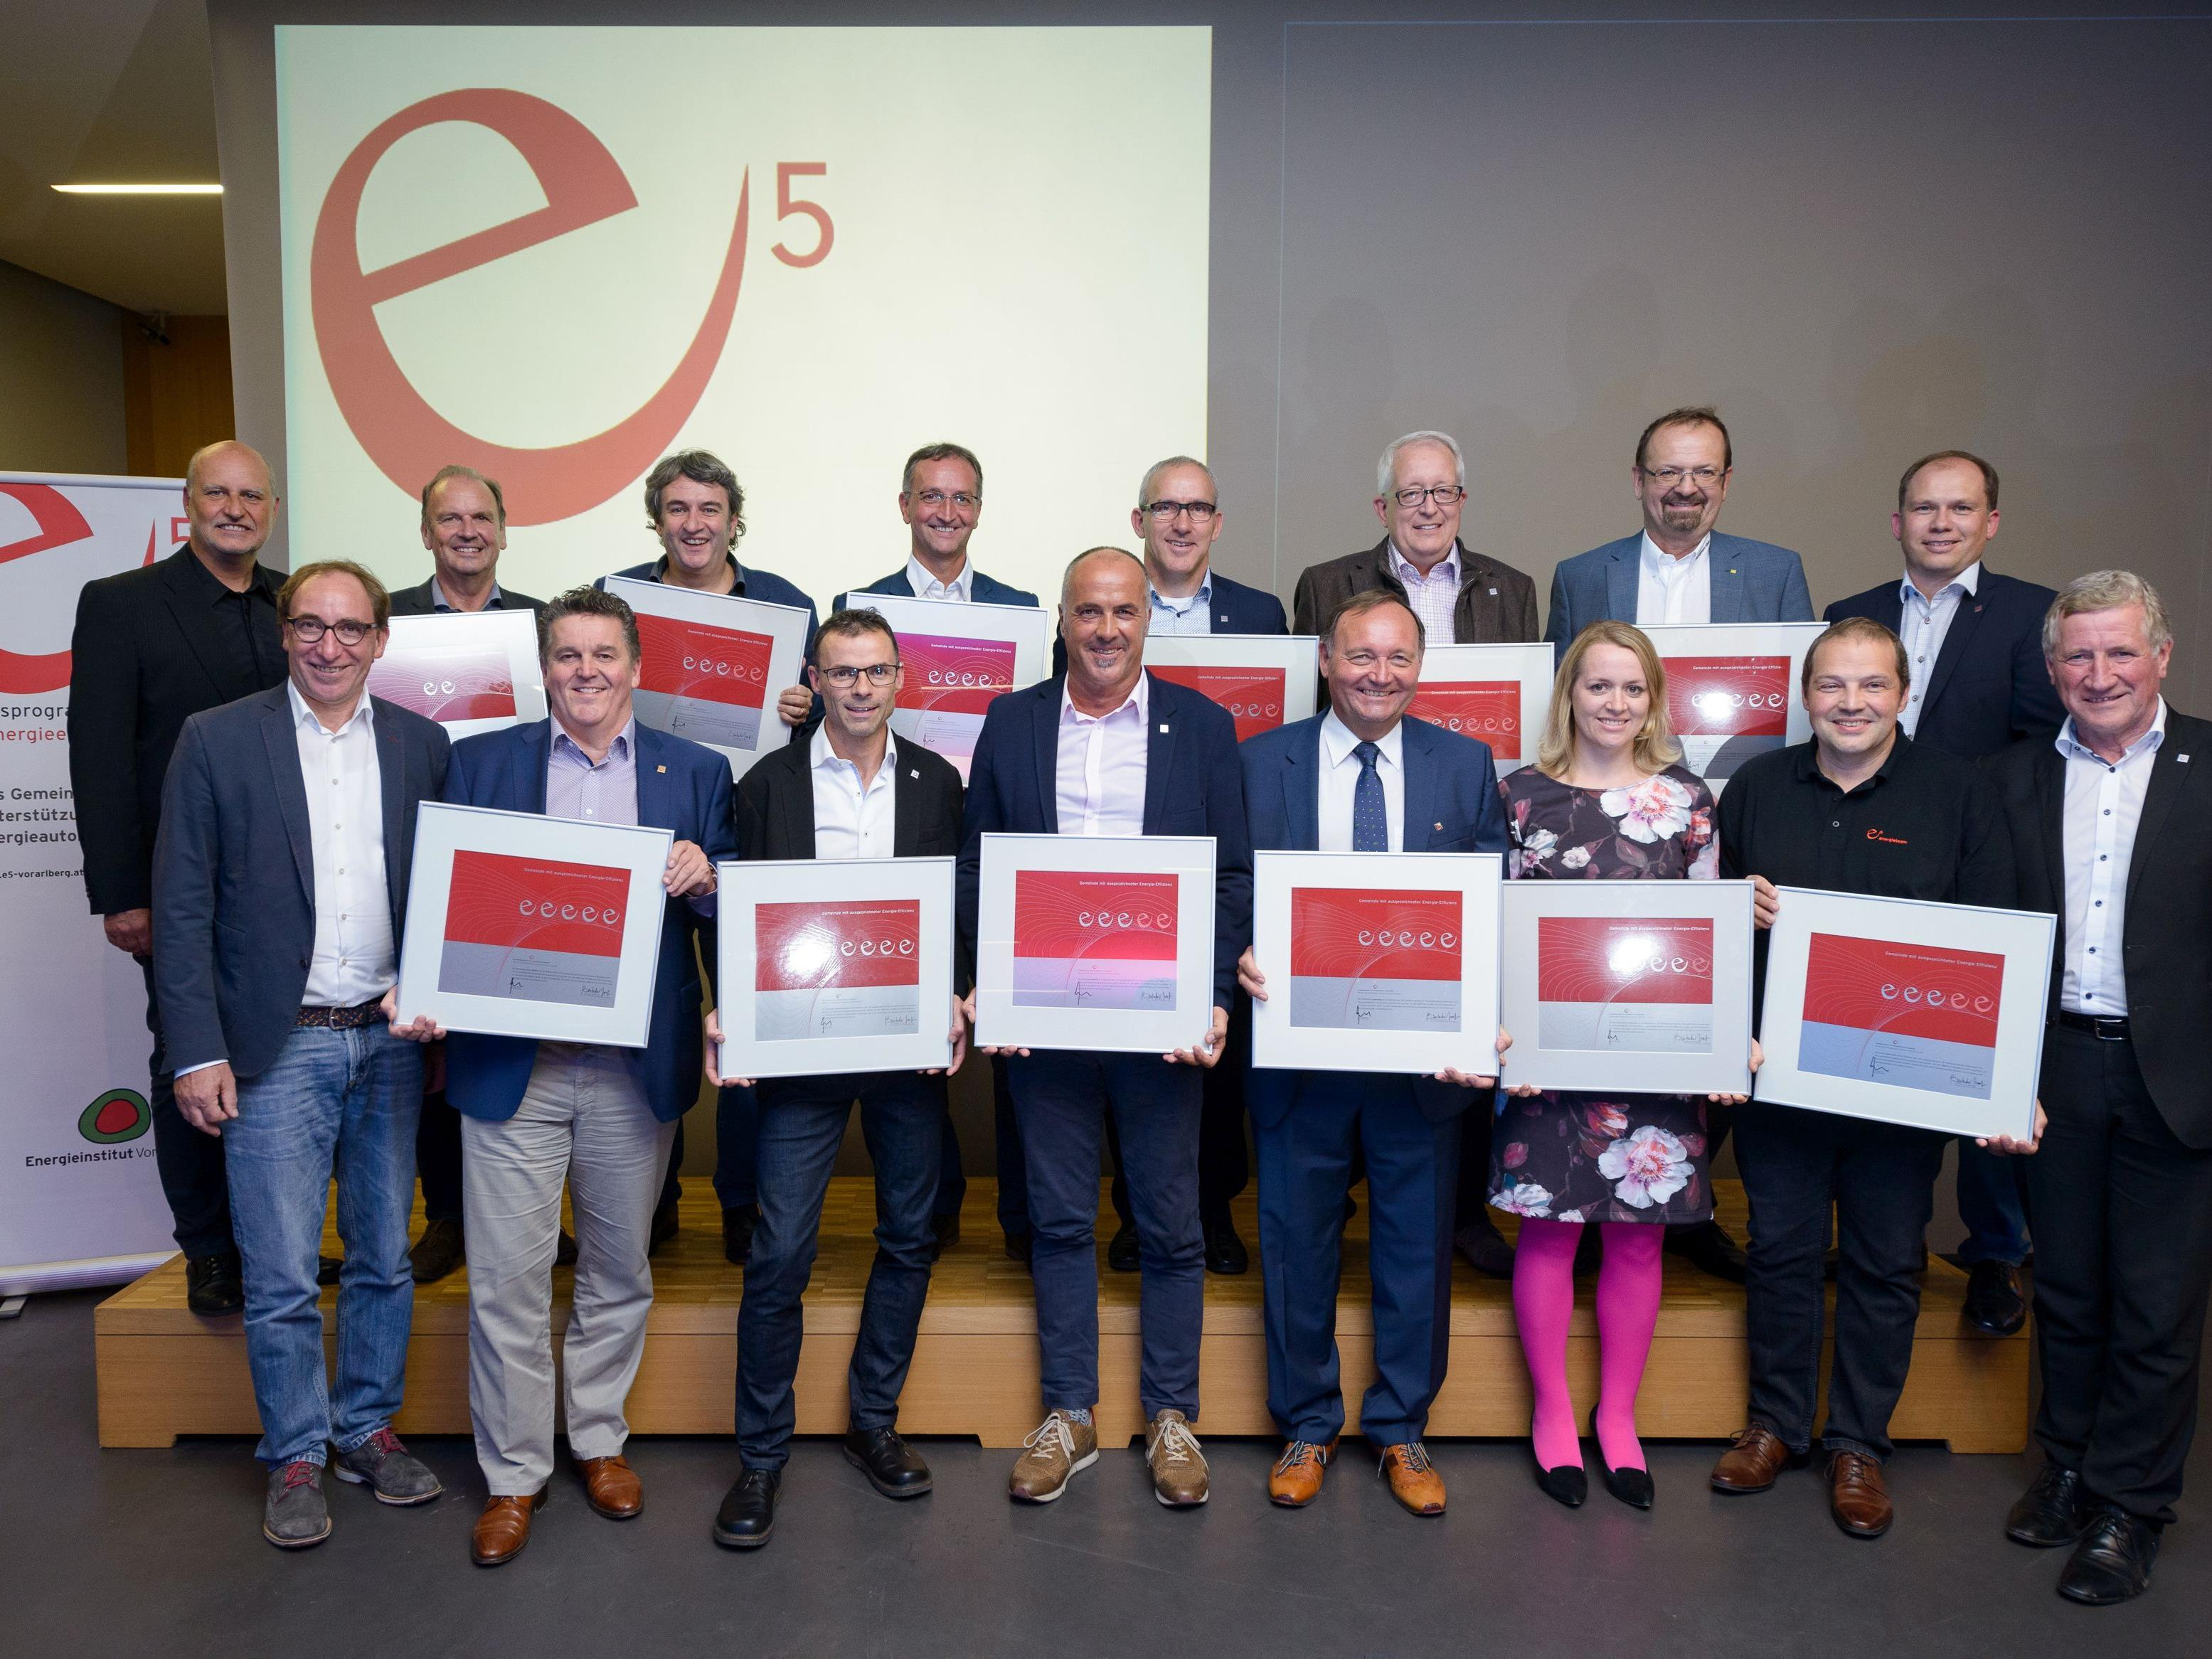 Treffpunkt e5-Event 2017 in der Fachhochschule Vorarlberg: Die Bürgermeister und VertreterInnen der e5-Teams der ausgezeichneten Gemeinden mit den Landesräten Johannes Rauch (li.) und Erich Schwärzler (re.) sowie dem e5-Programmleiter des Energieinstitutes Vorarlberg, Karl-Heinz Kaspar (li.hi.).